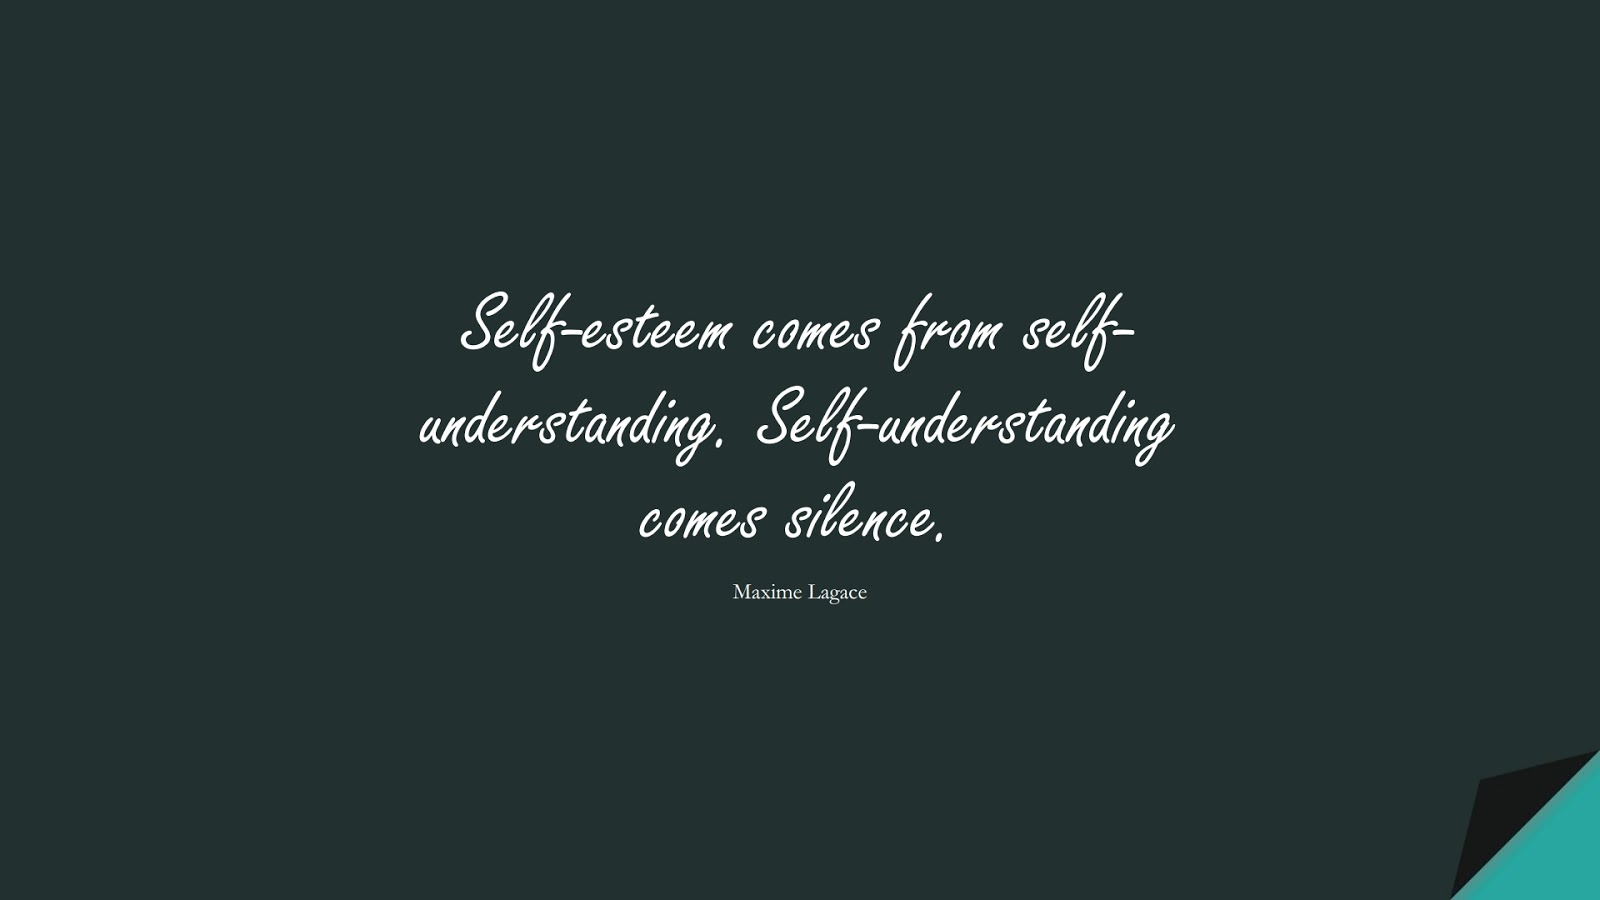 Self-esteem comes from self-understanding. Self-understanding comes silence. (Maxime Lagace);  #SelfEsteemQuotes